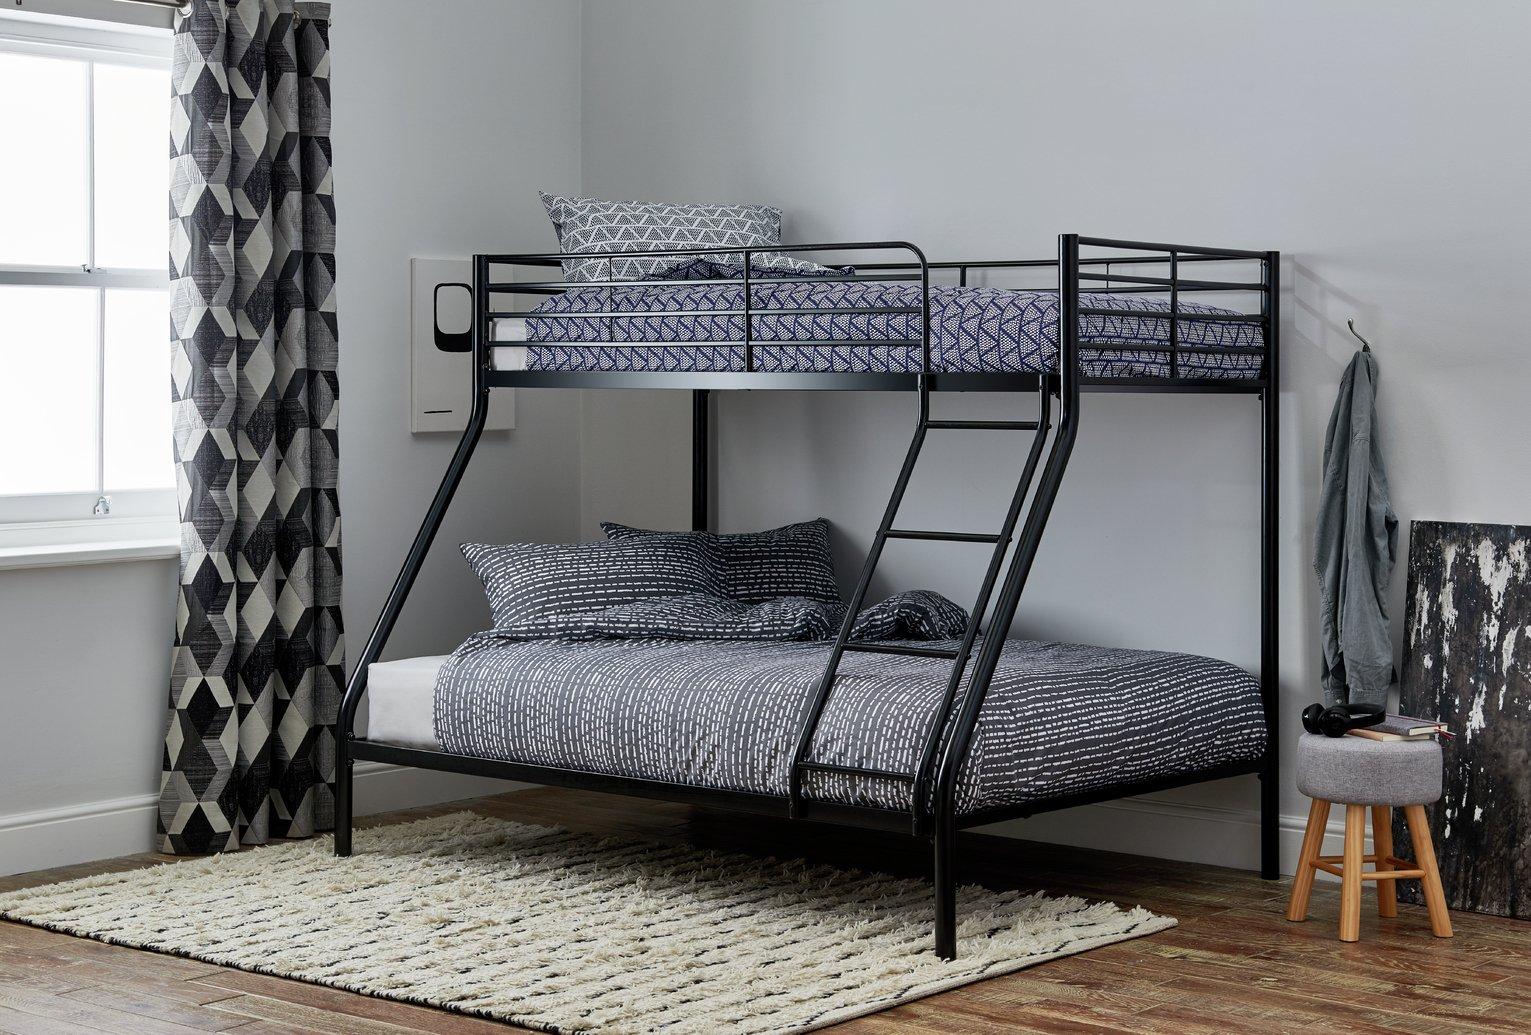 Argos Home Willen Metal Triple Bunk Bed - Black